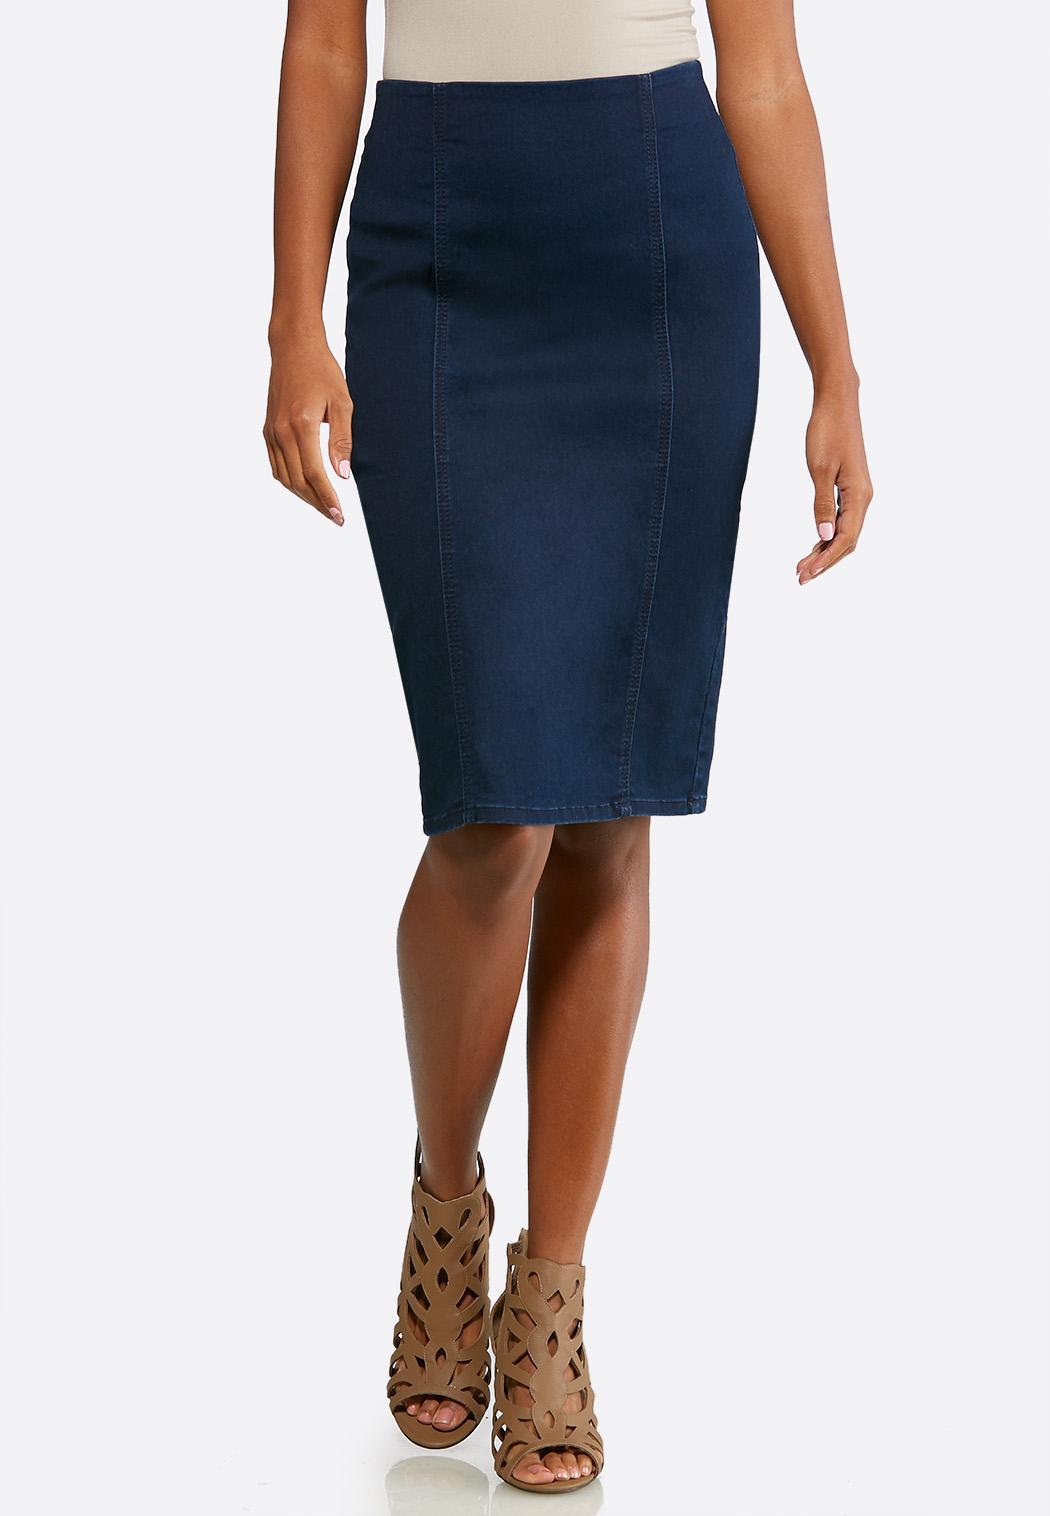 Plus Extended Pull-On Denim Pencil Skirt